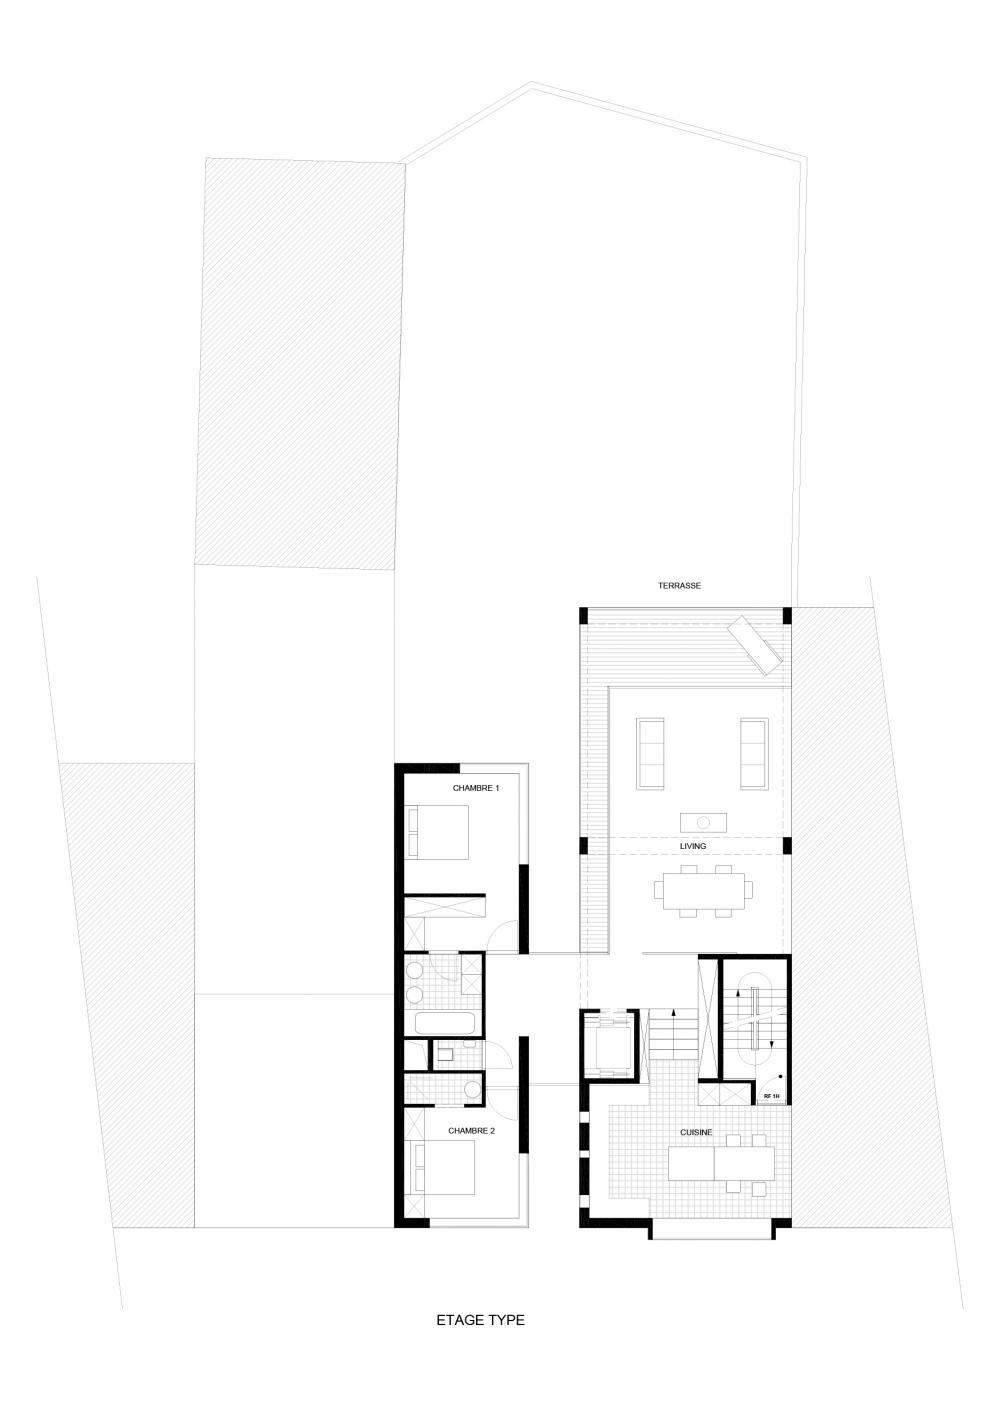 plan d'un étage type des logements Hector Denis